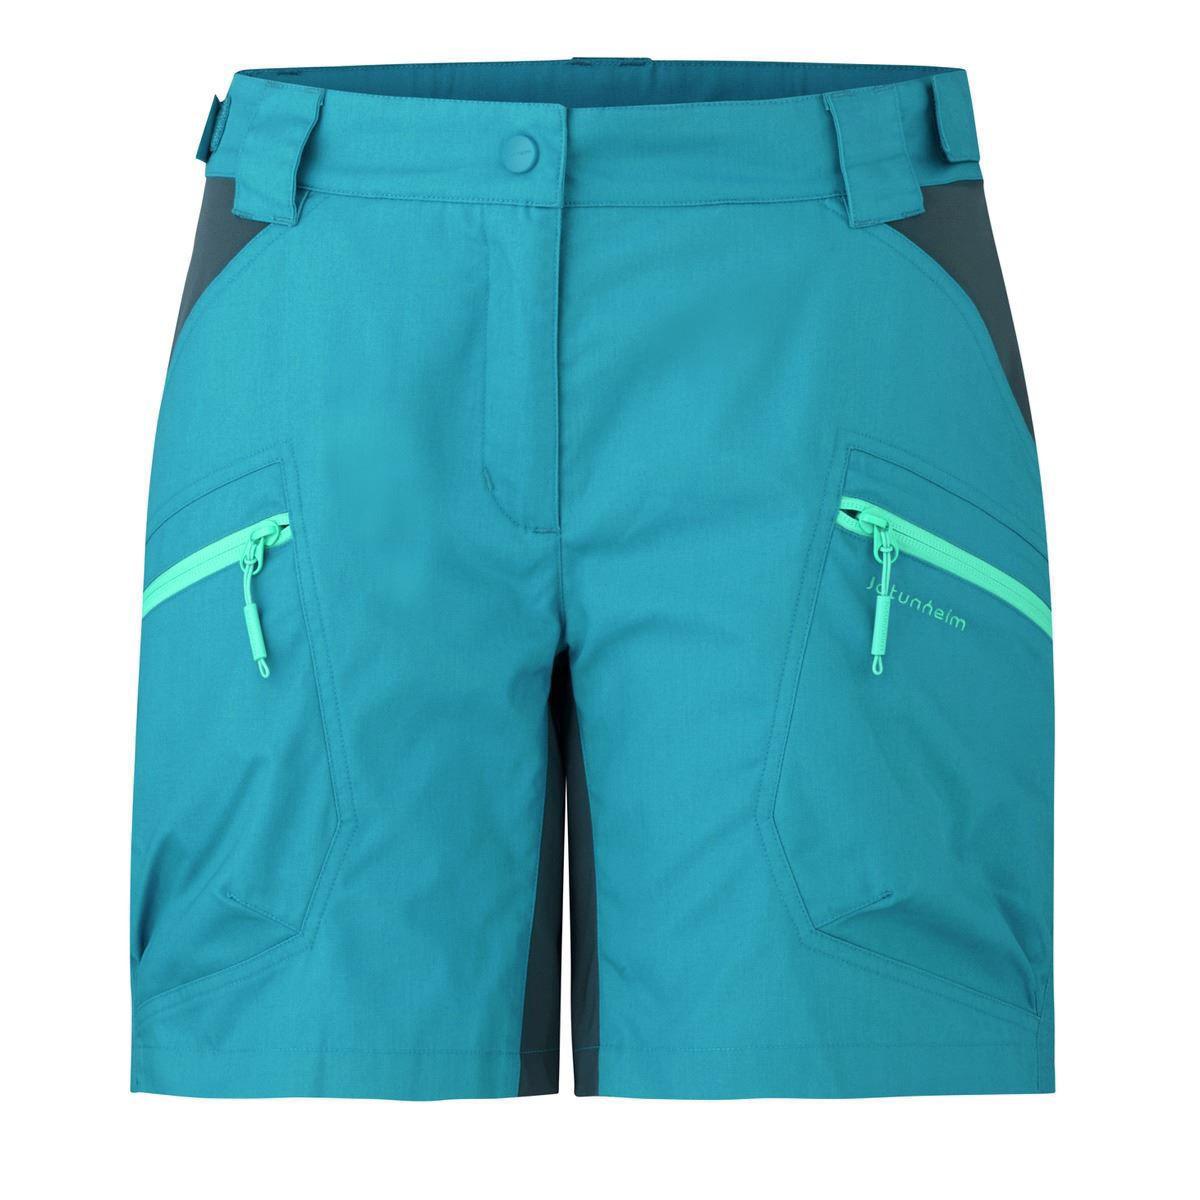 Bilde av Fossberg shorts dame